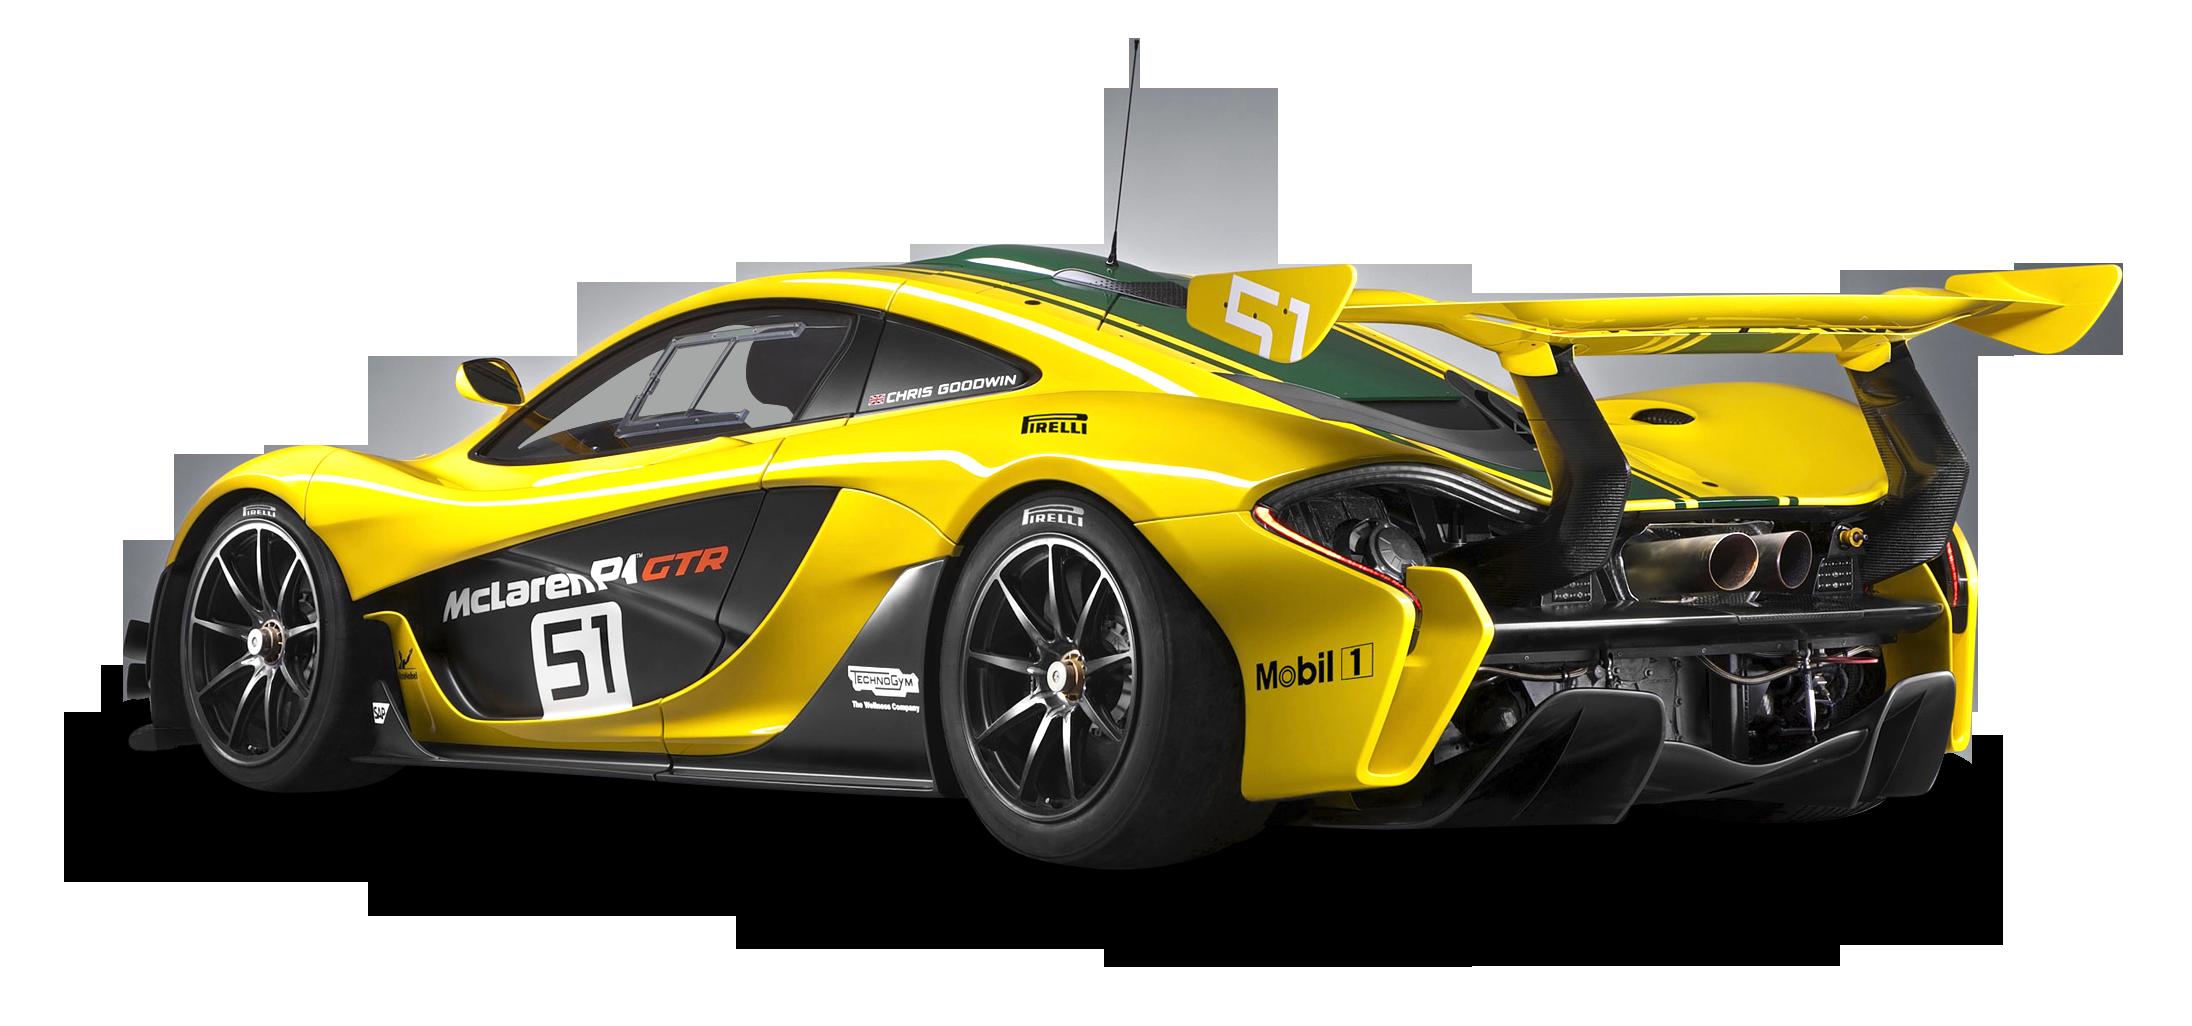 Yellow McLaren P1 GTR Car